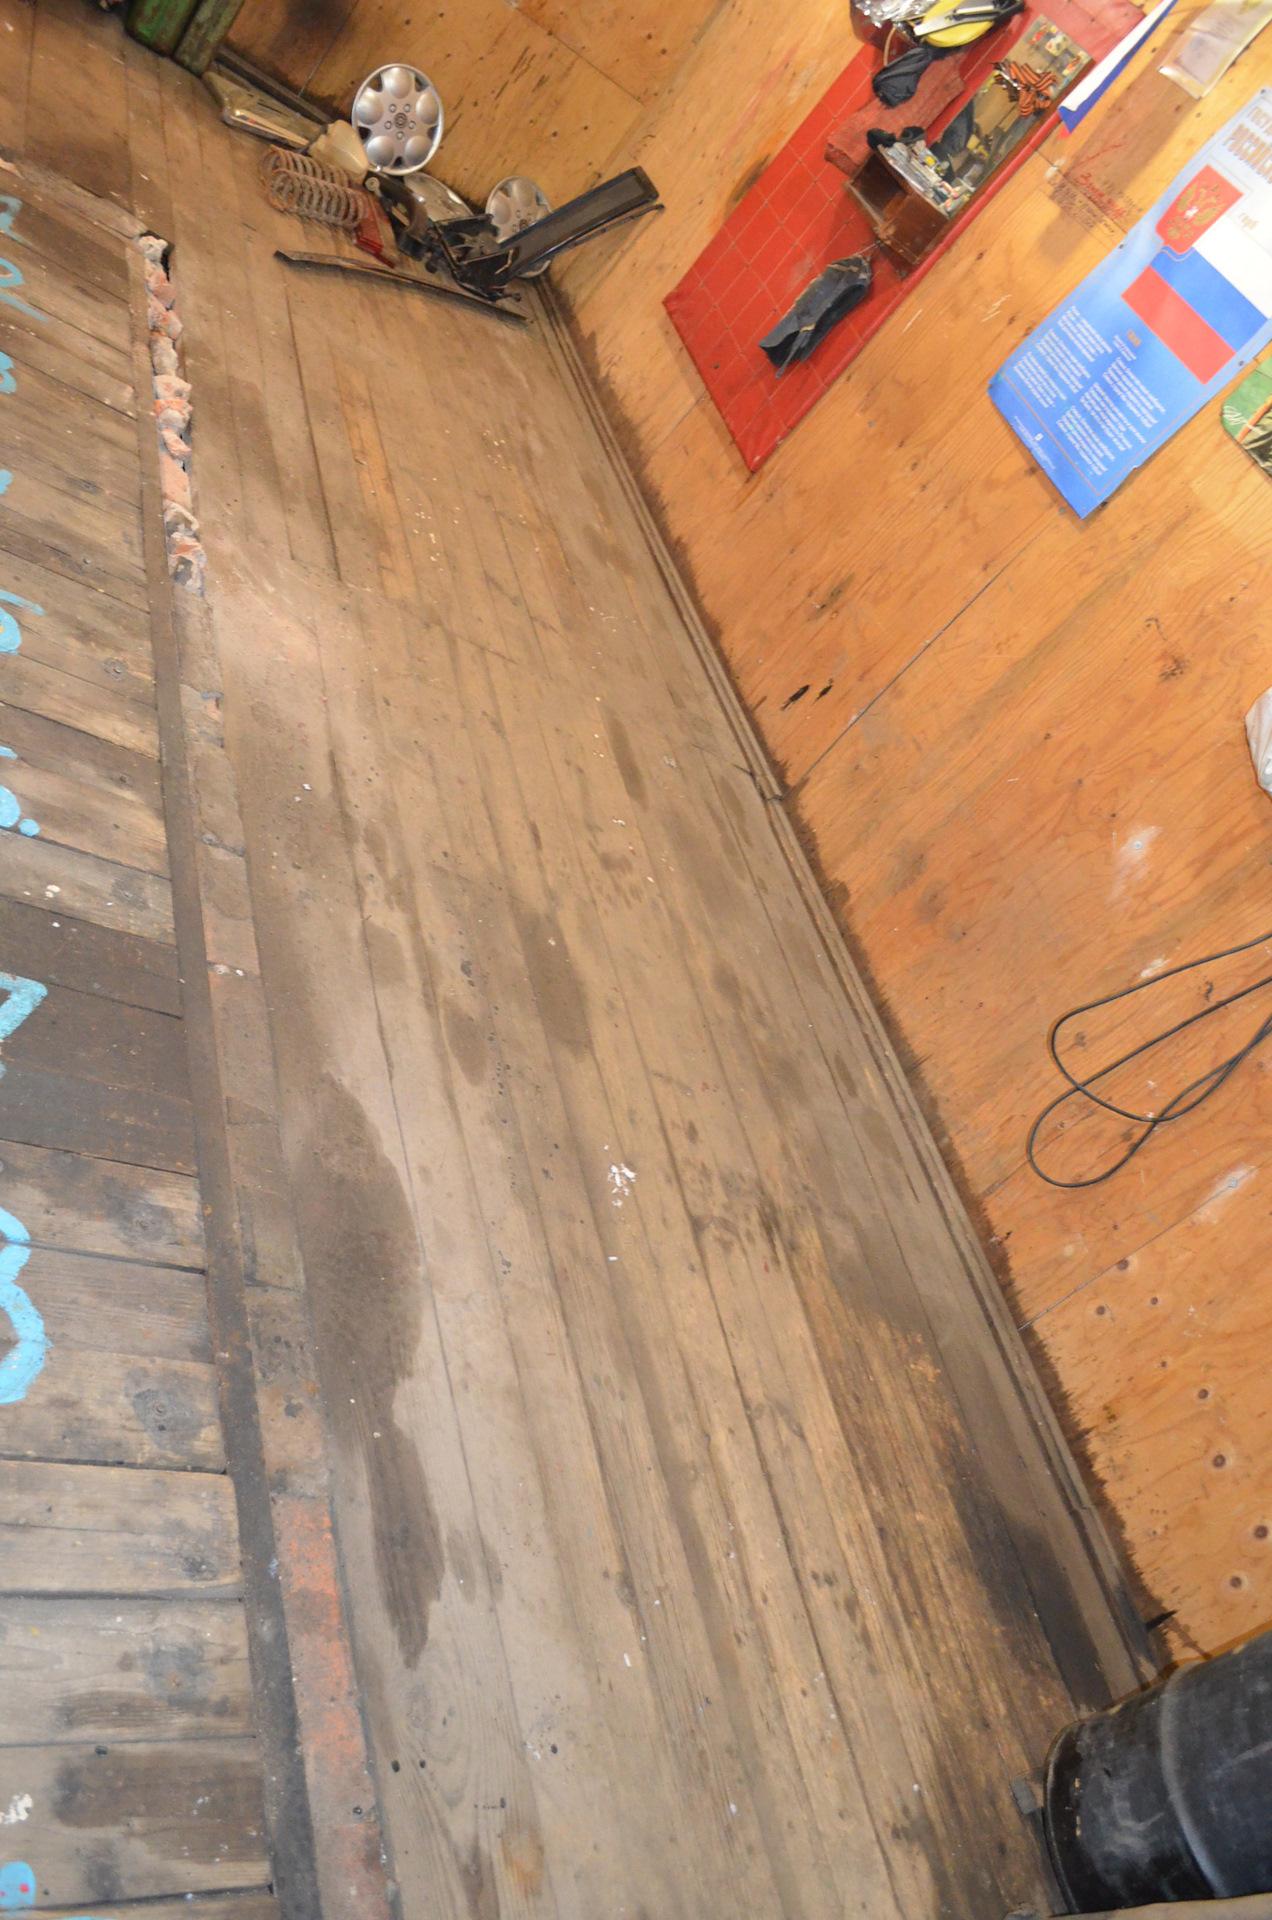 Резиновые коврики на пол гаража как выбрать